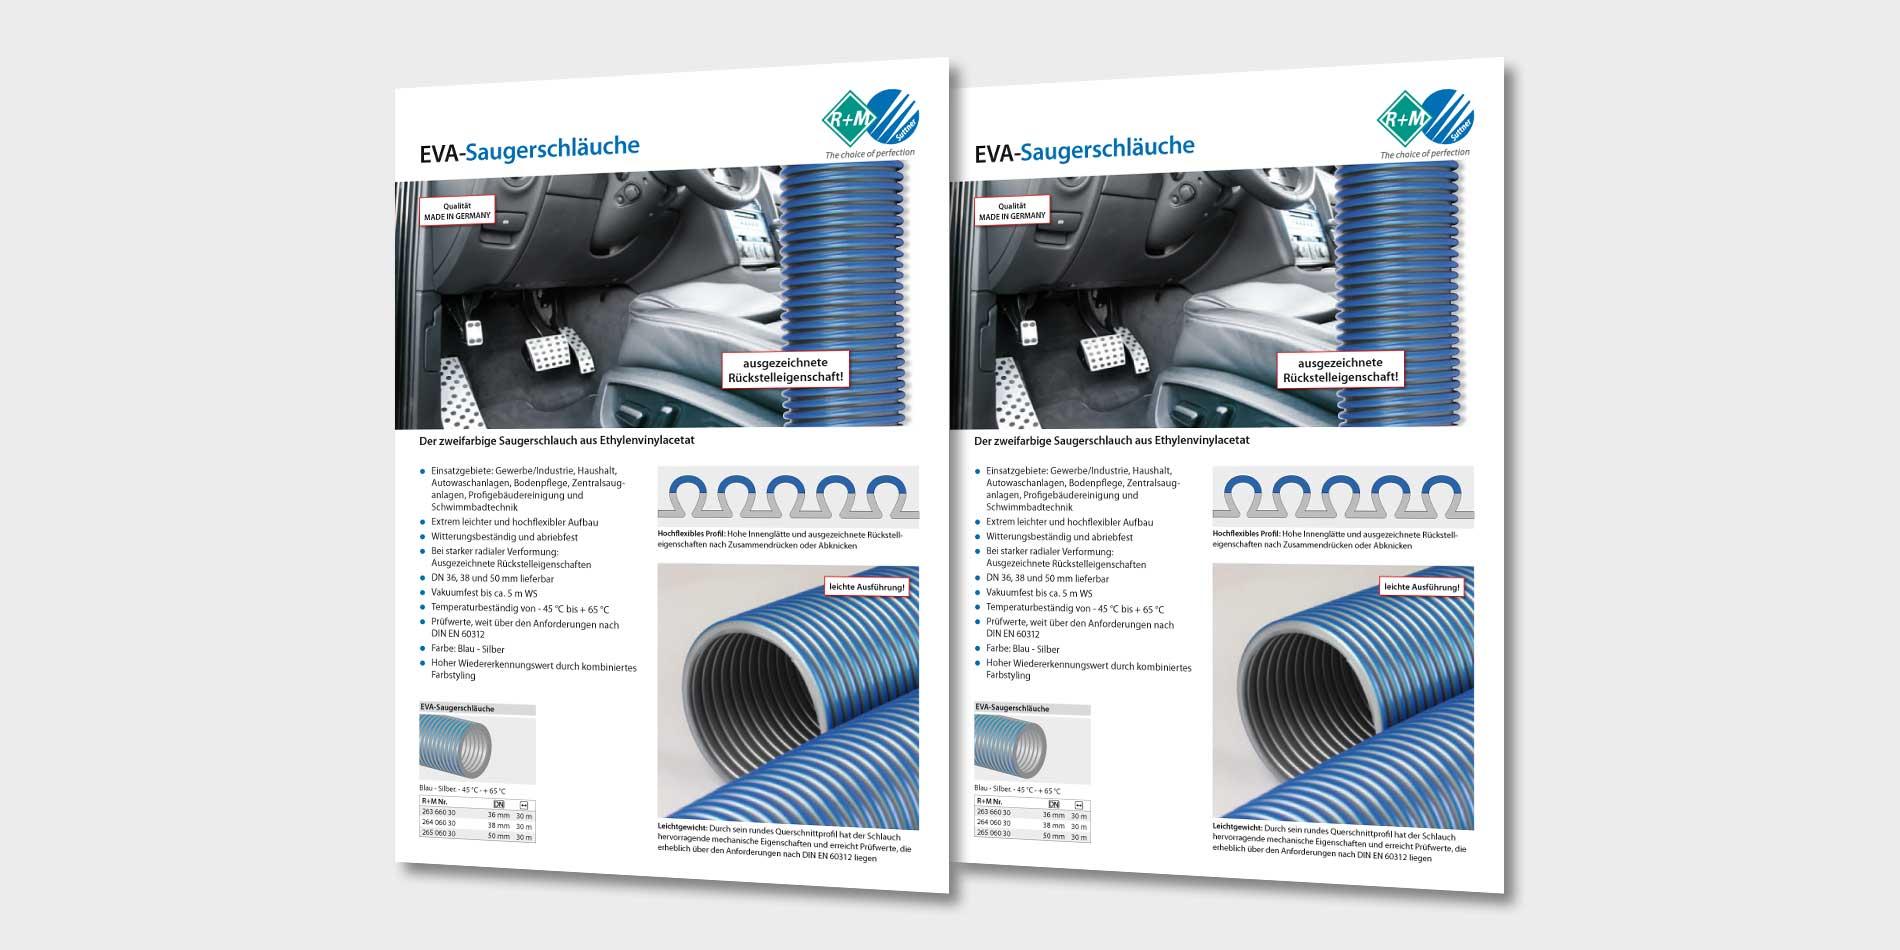 Saugerschlauch für Gewerbe, Industrie, Haushalt und Autowaschanlagen von R+M / Suttner